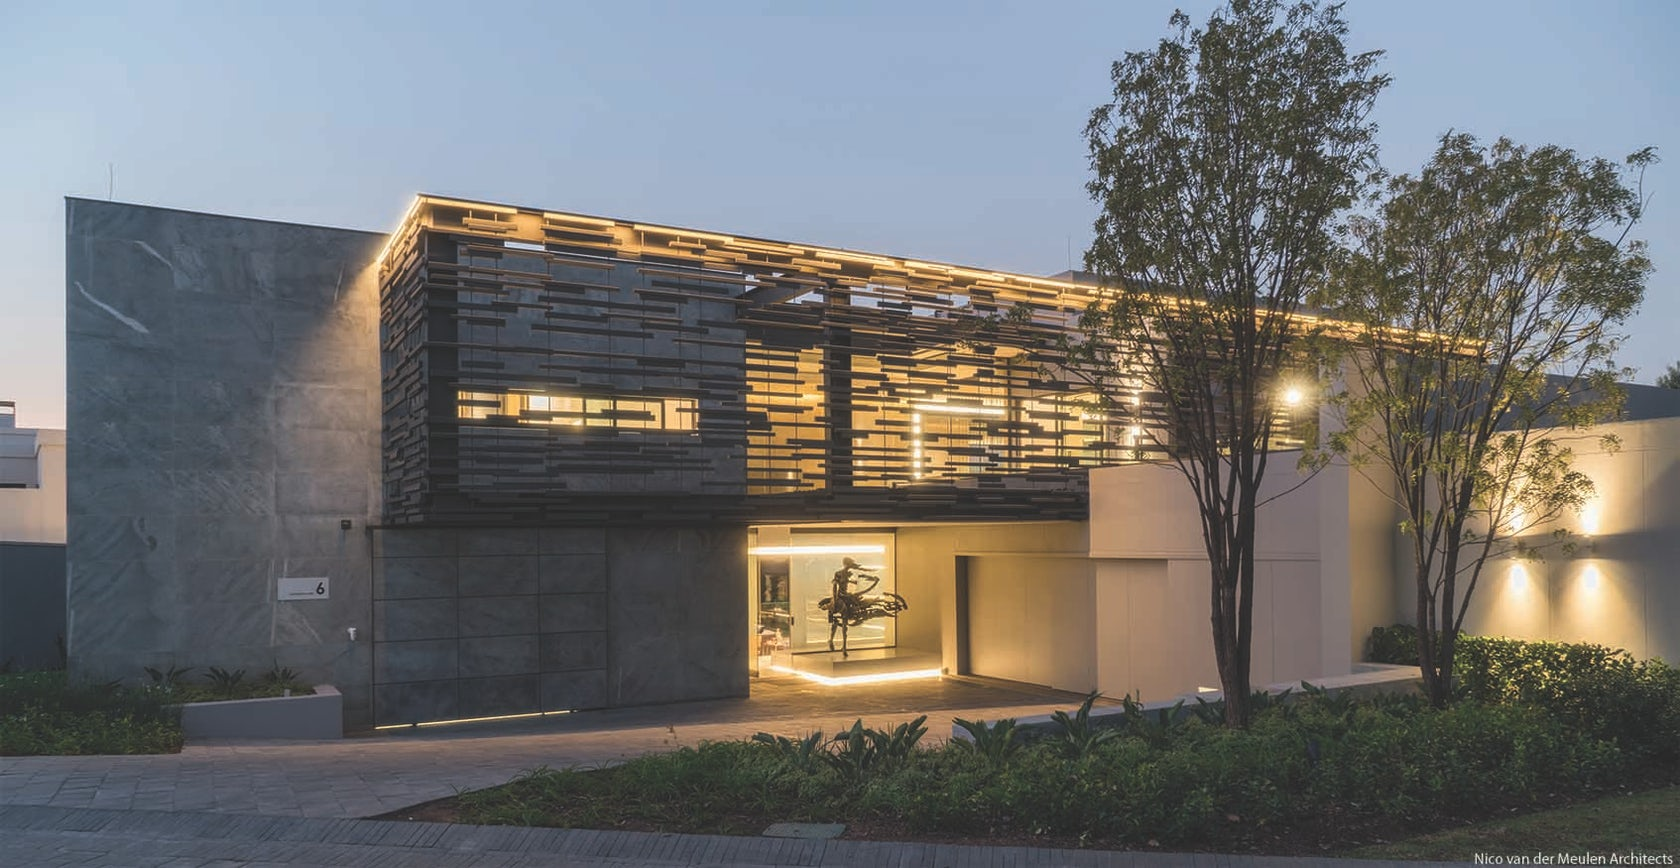 Nico van der meulen architects architizer for Design hotel road